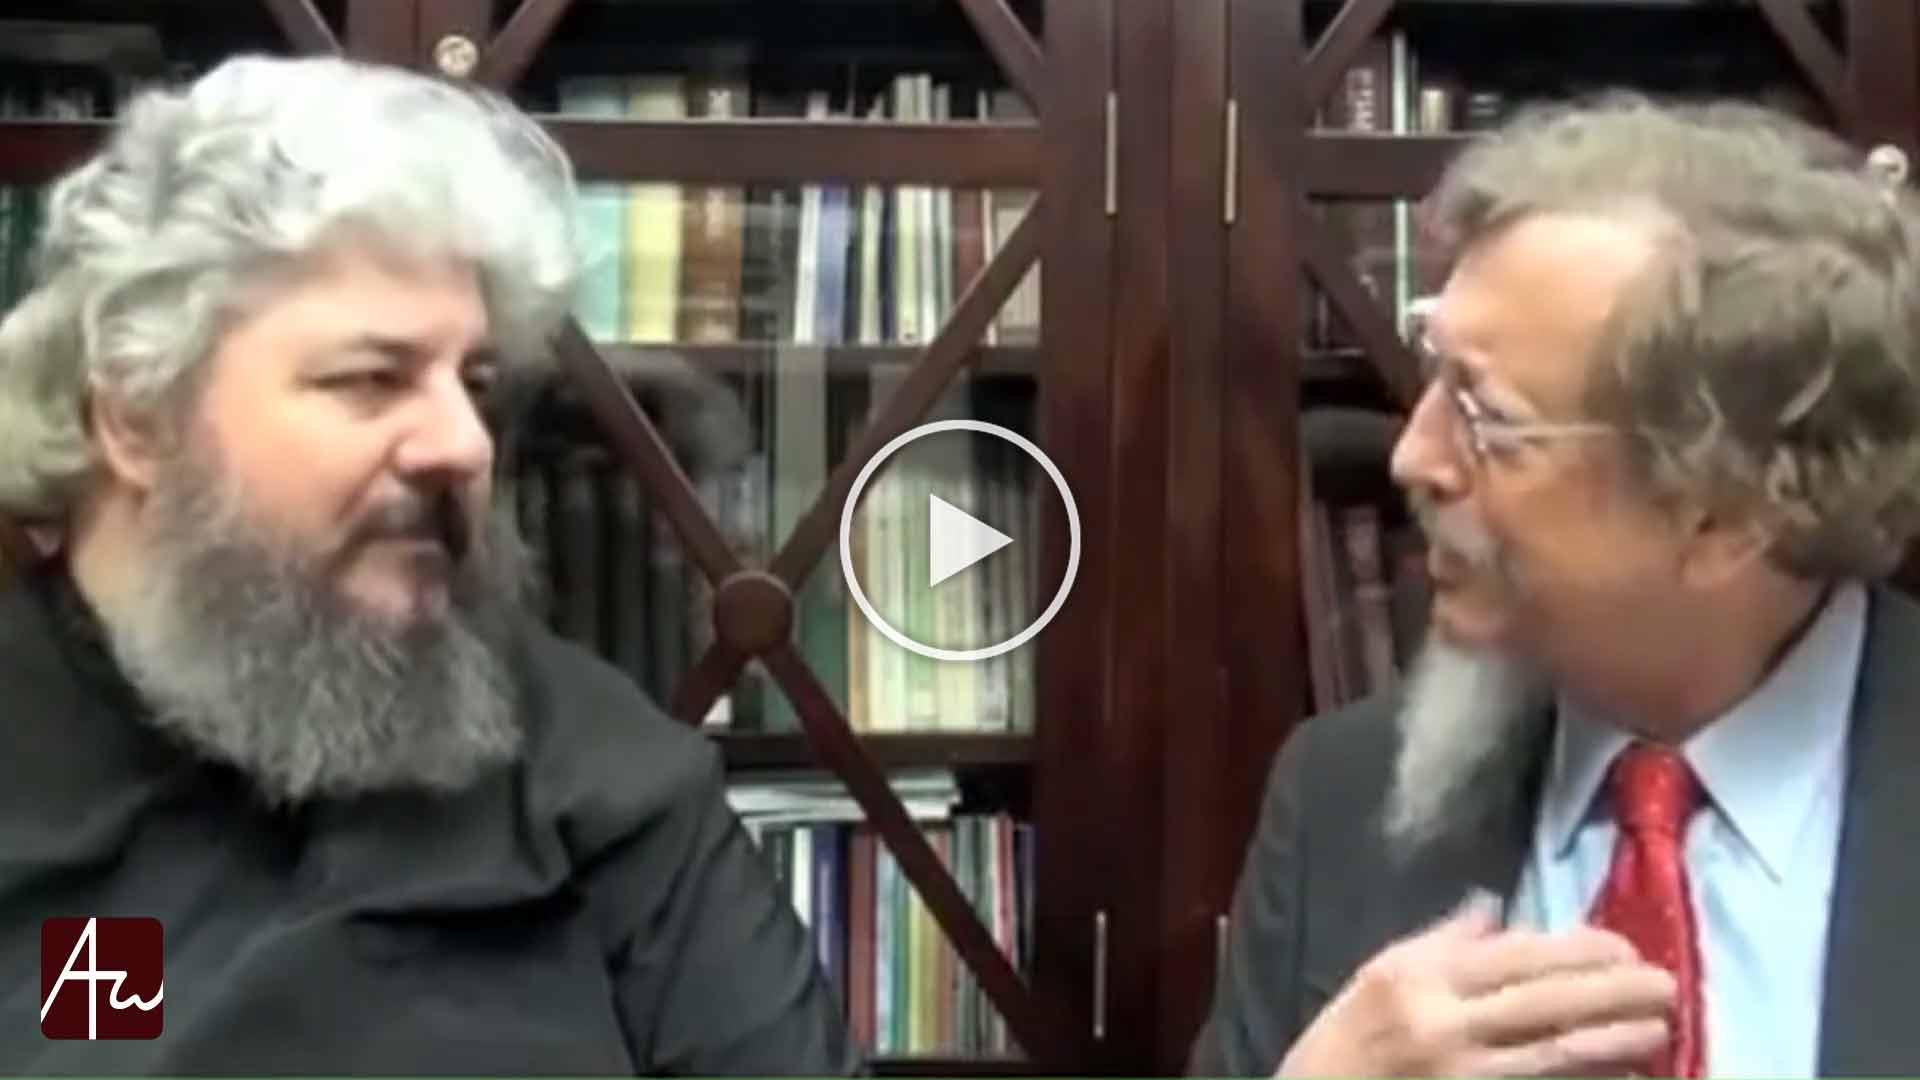 Η Θέση της εκκλησίας για την ομοφυλοφιλία - Ορθόδοξη Μαρτυρία στη Δύση - Θεολογία - Απαρχή